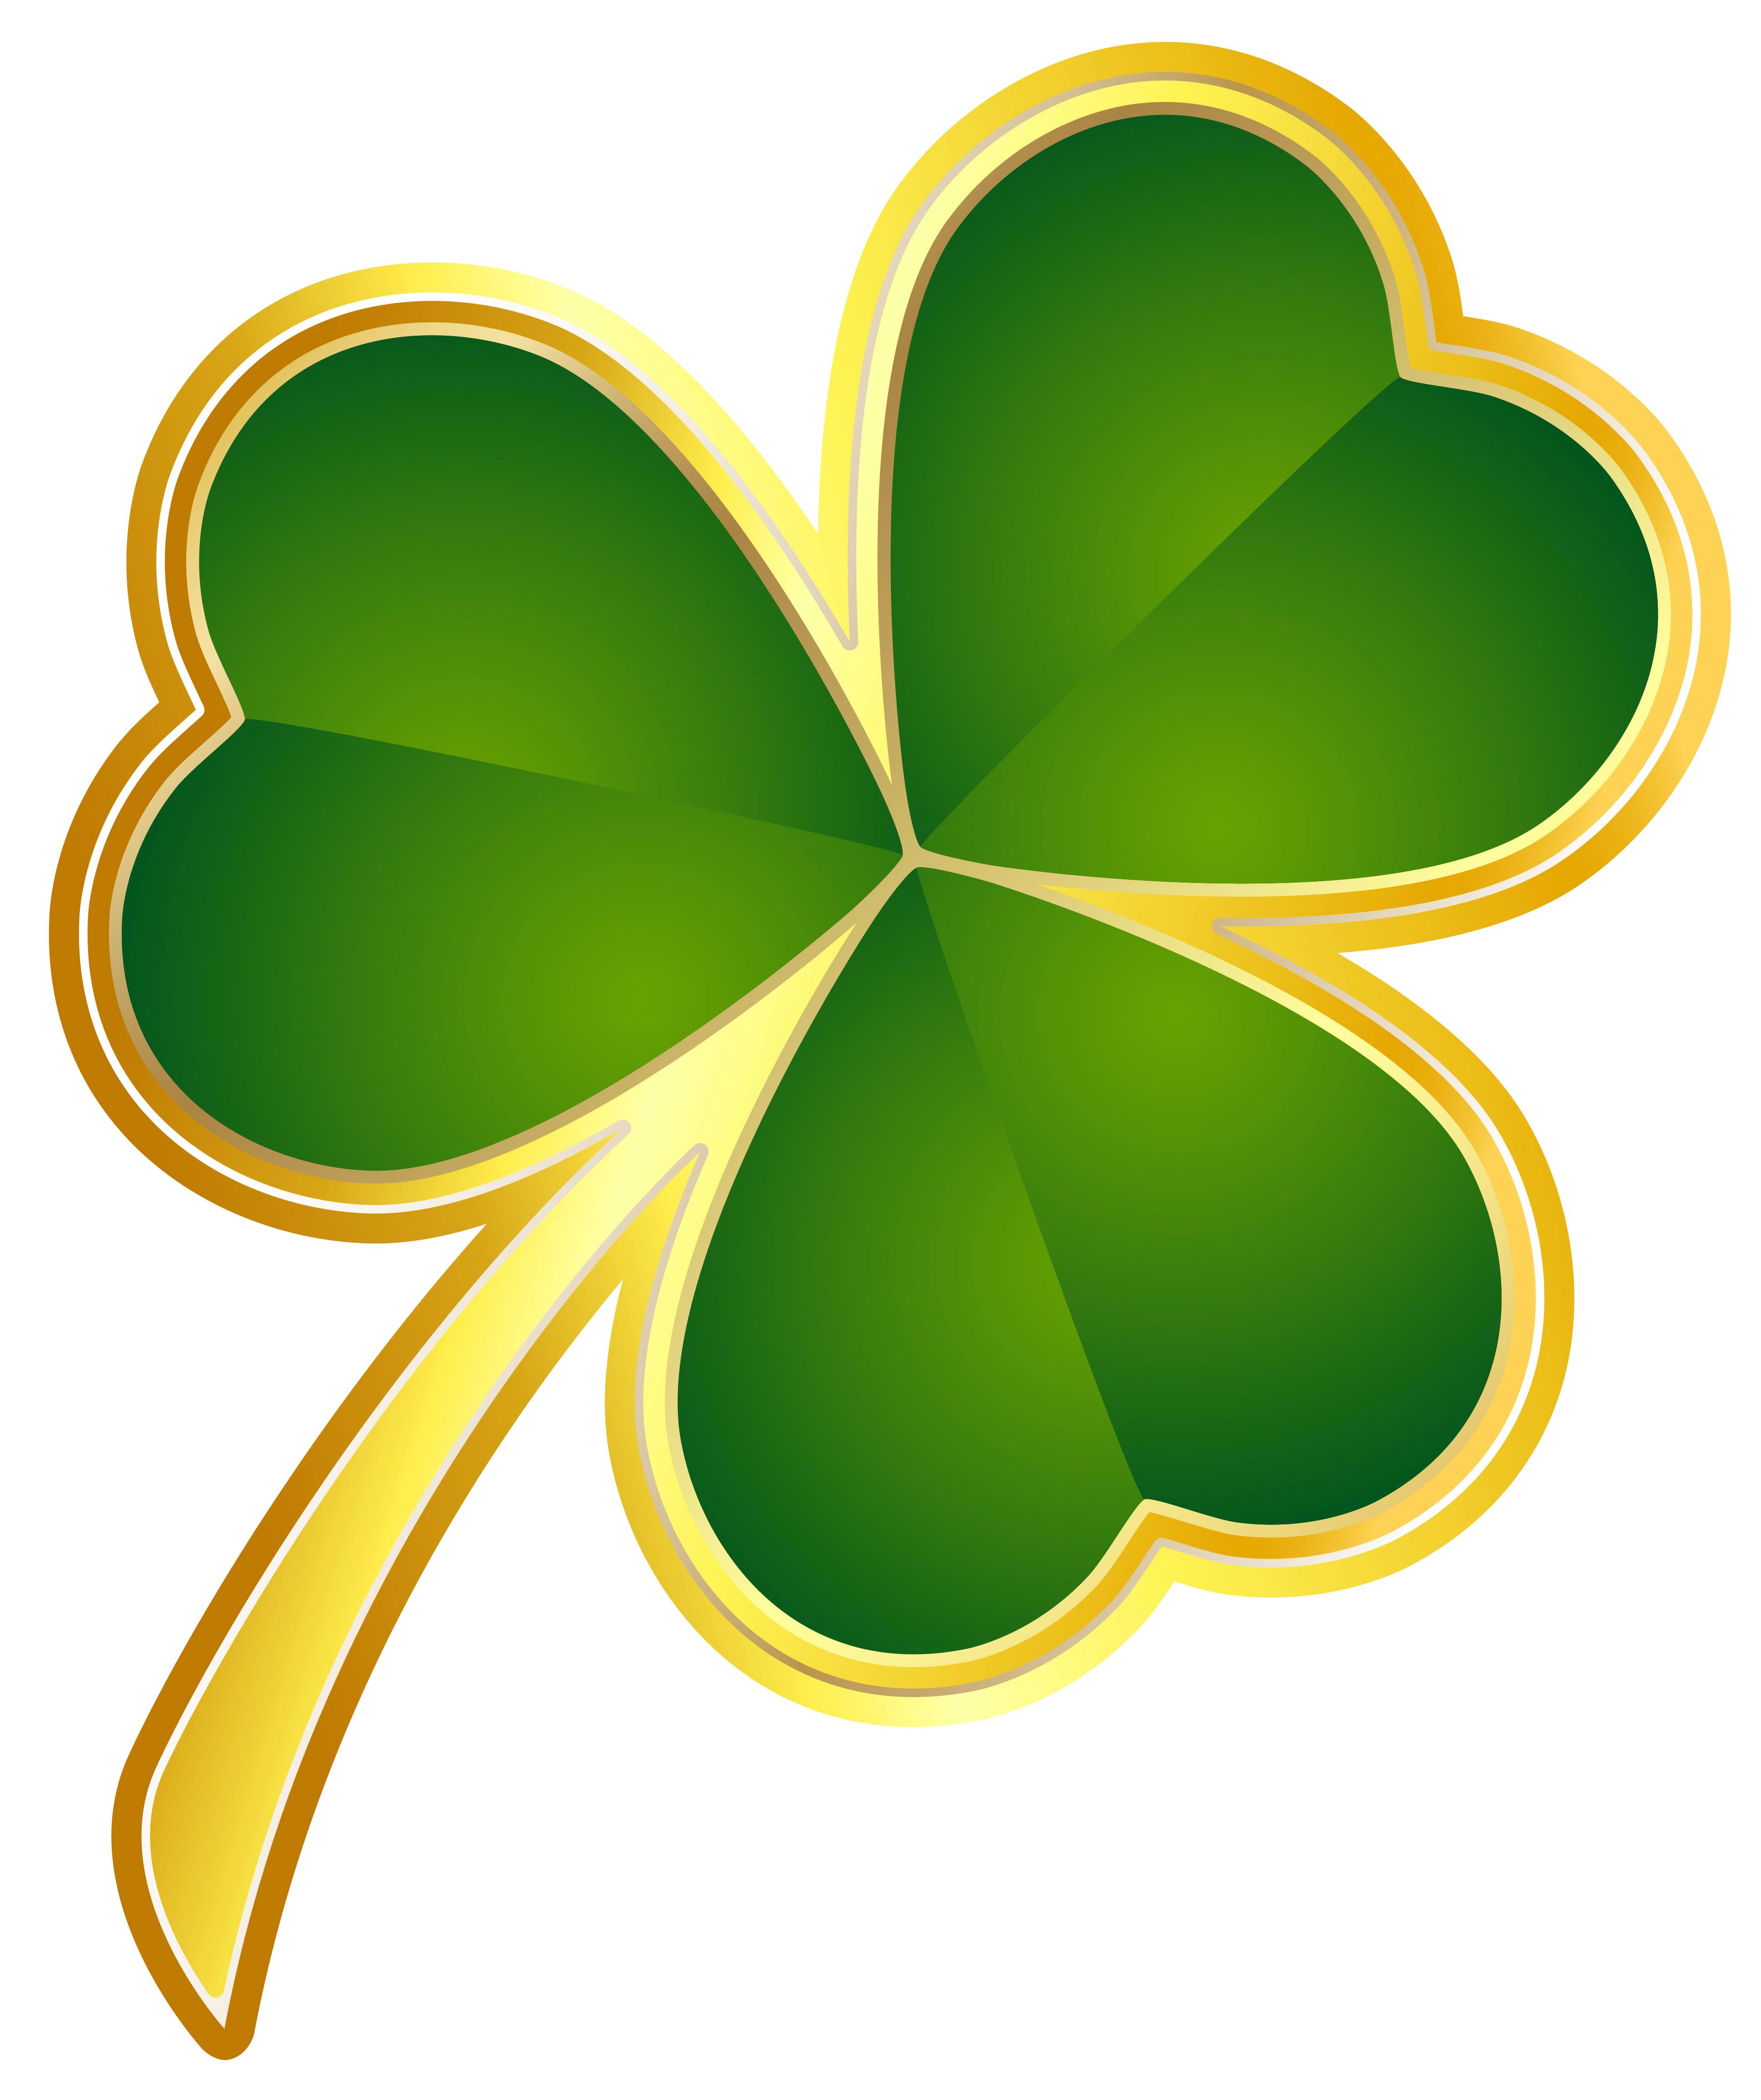 3876x4623 Shamrock St Patricks Clipart, Explore Pictures